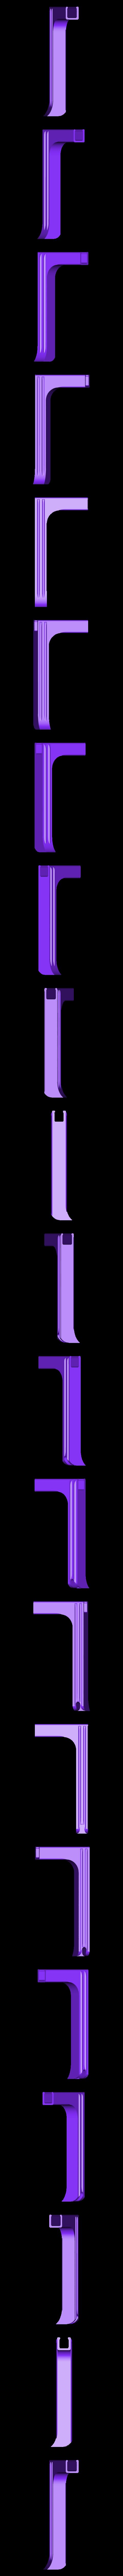 rigidbot_spool_tower-RIGHT.stl Download free STL file RigidBot Filament Spool Holder • 3D printer template, FrankLumien